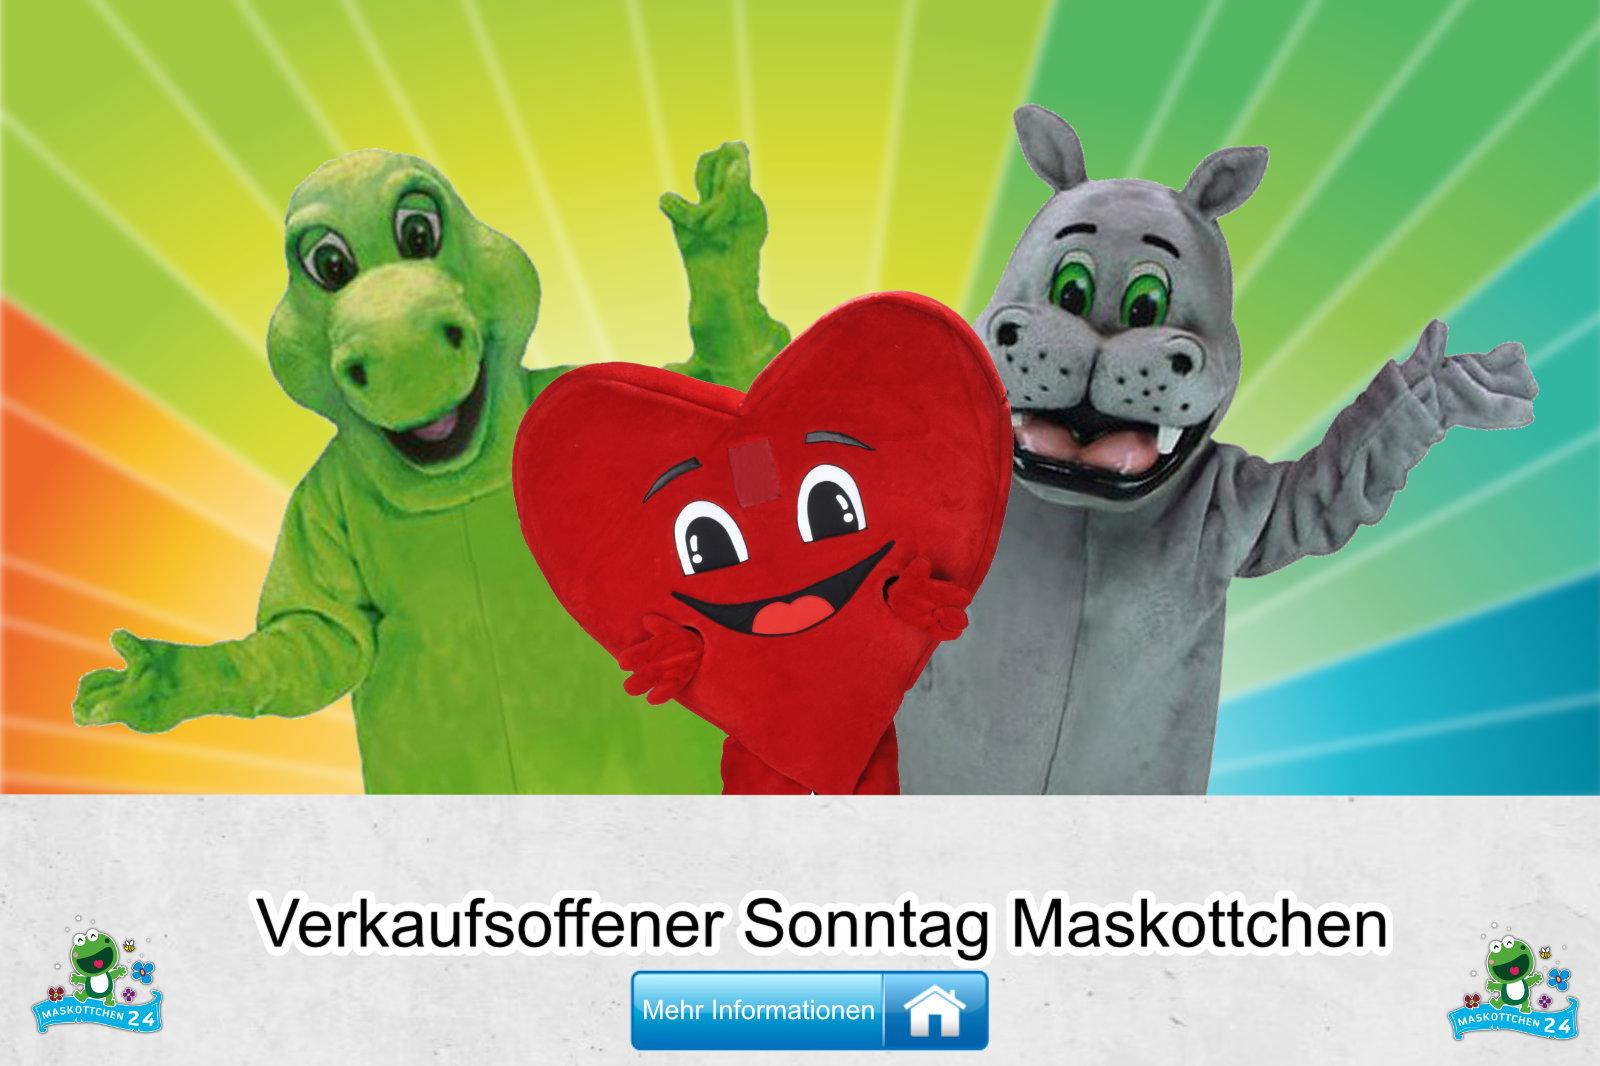 Kostüm Maskottchen Günstig Kaufen Produktion Verkaufsoffener Sonntag